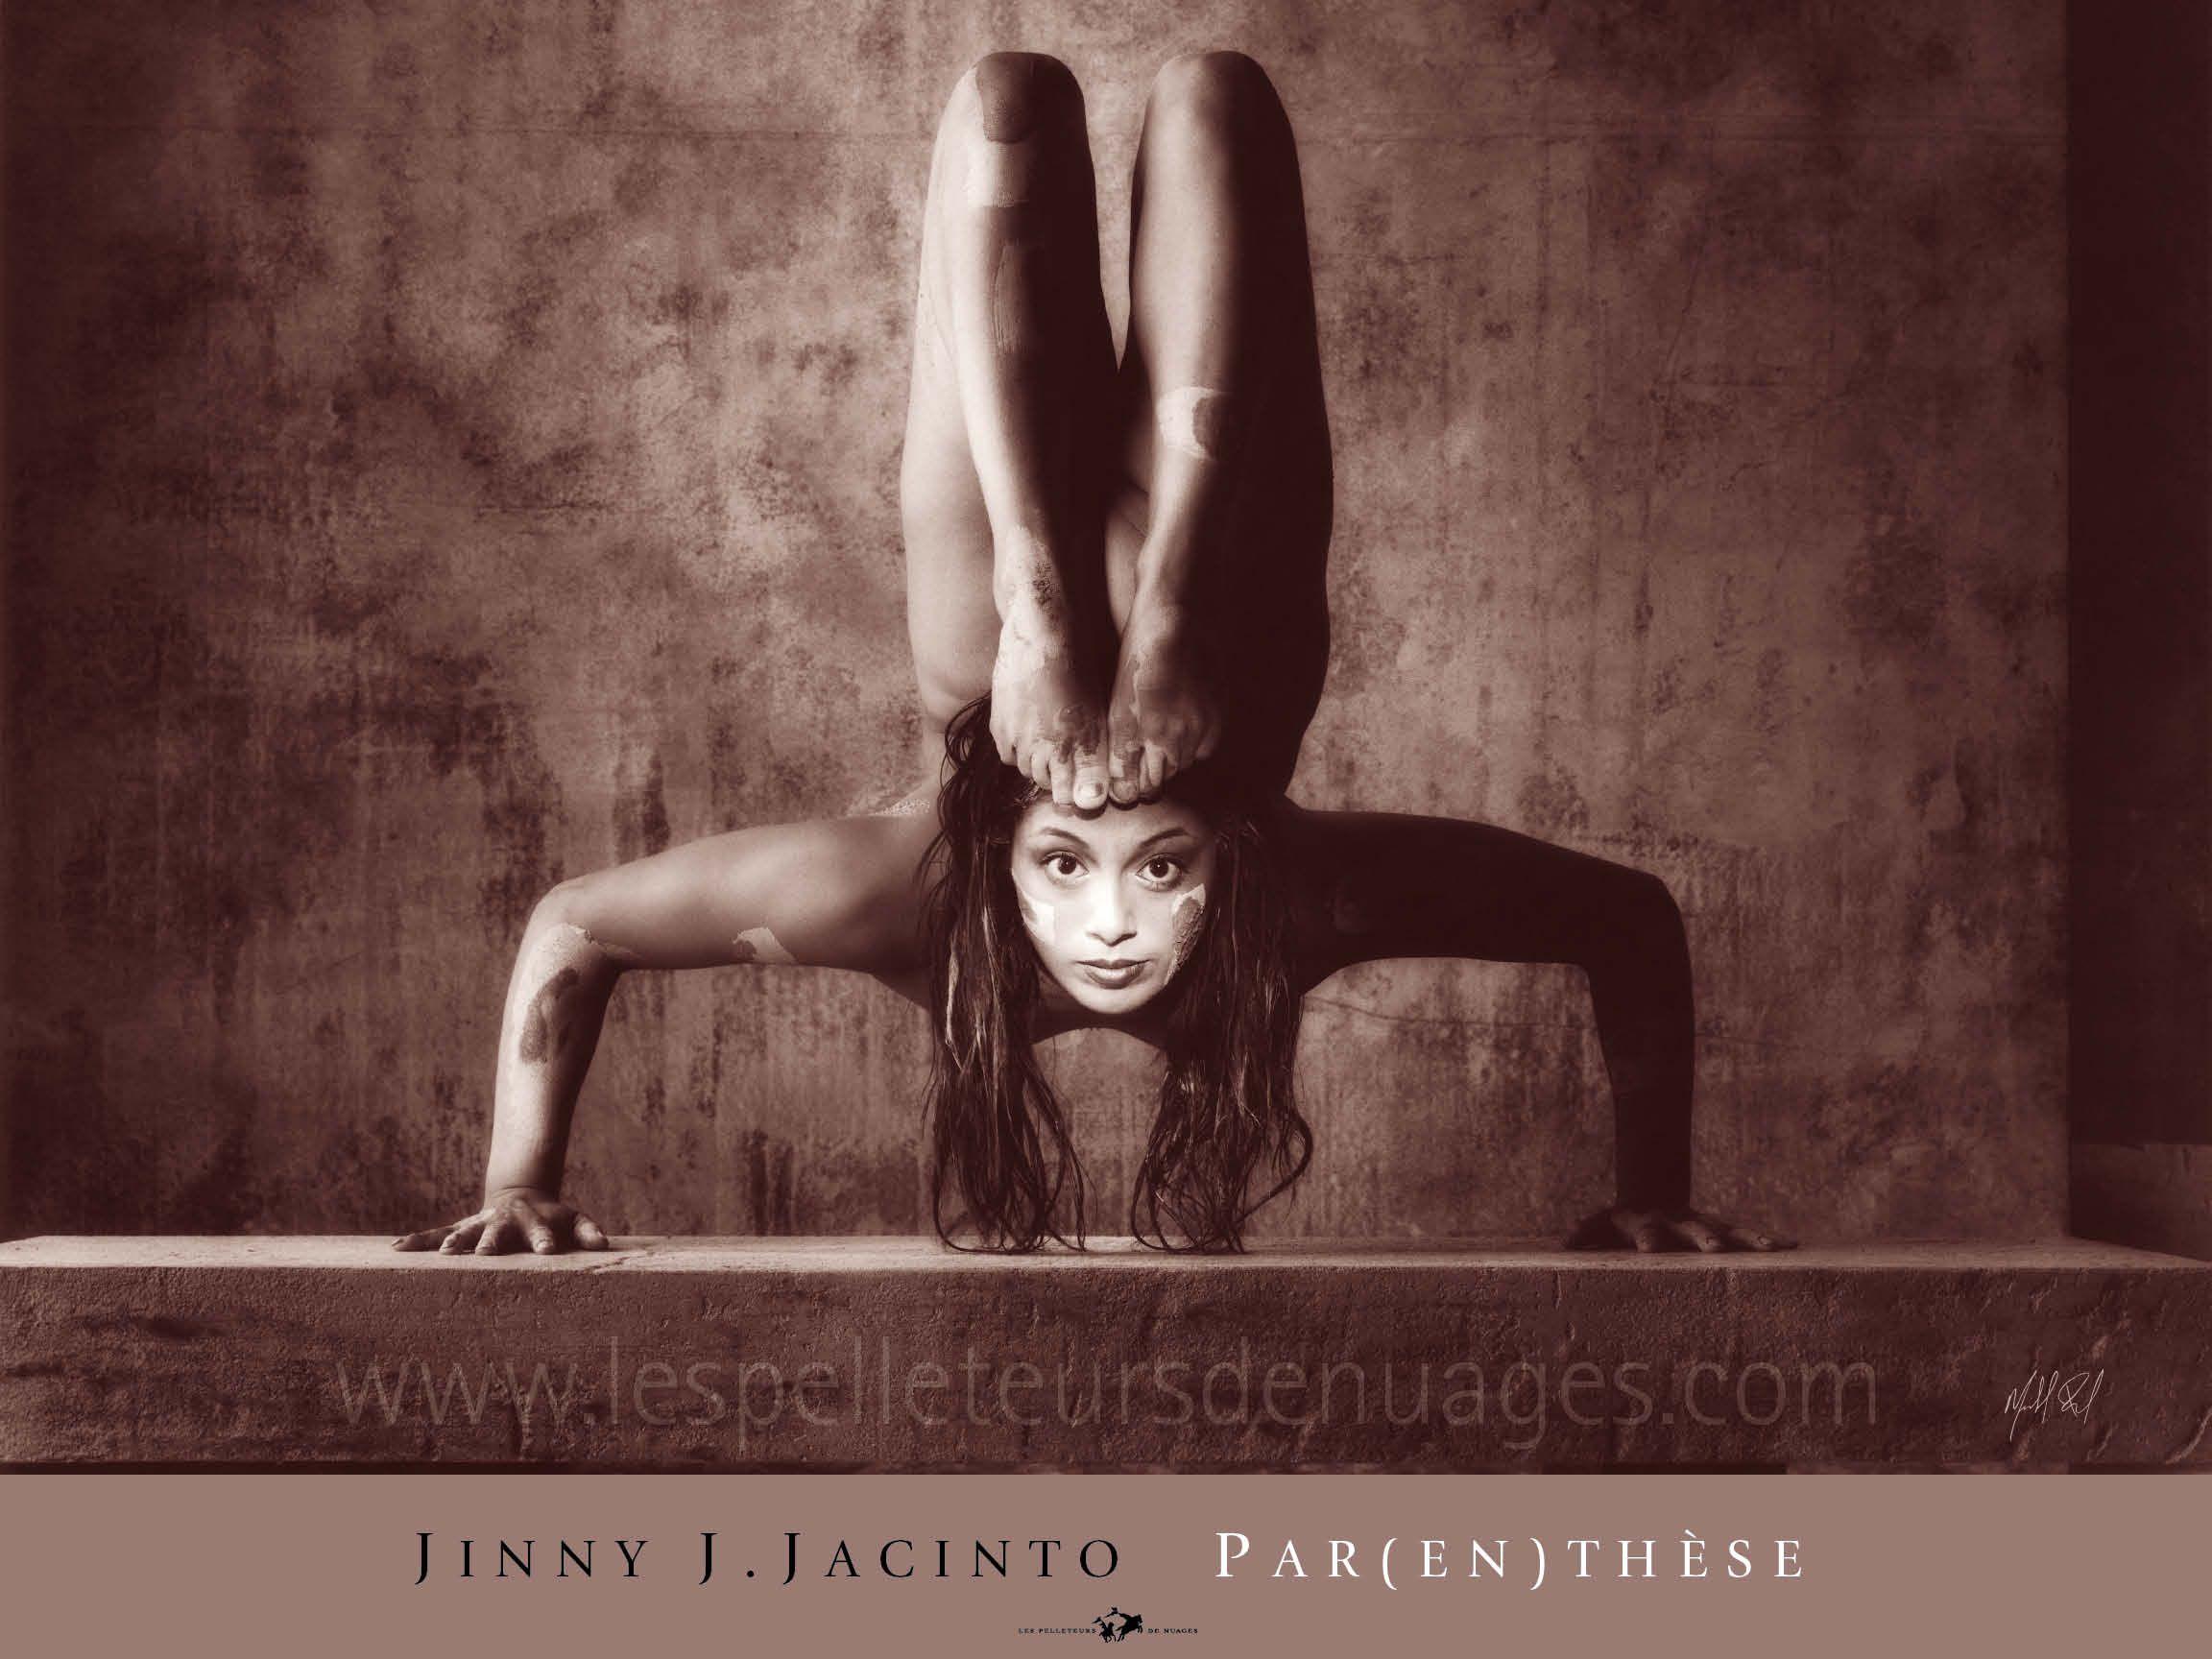 Jinny Jacinto nude photos 2019